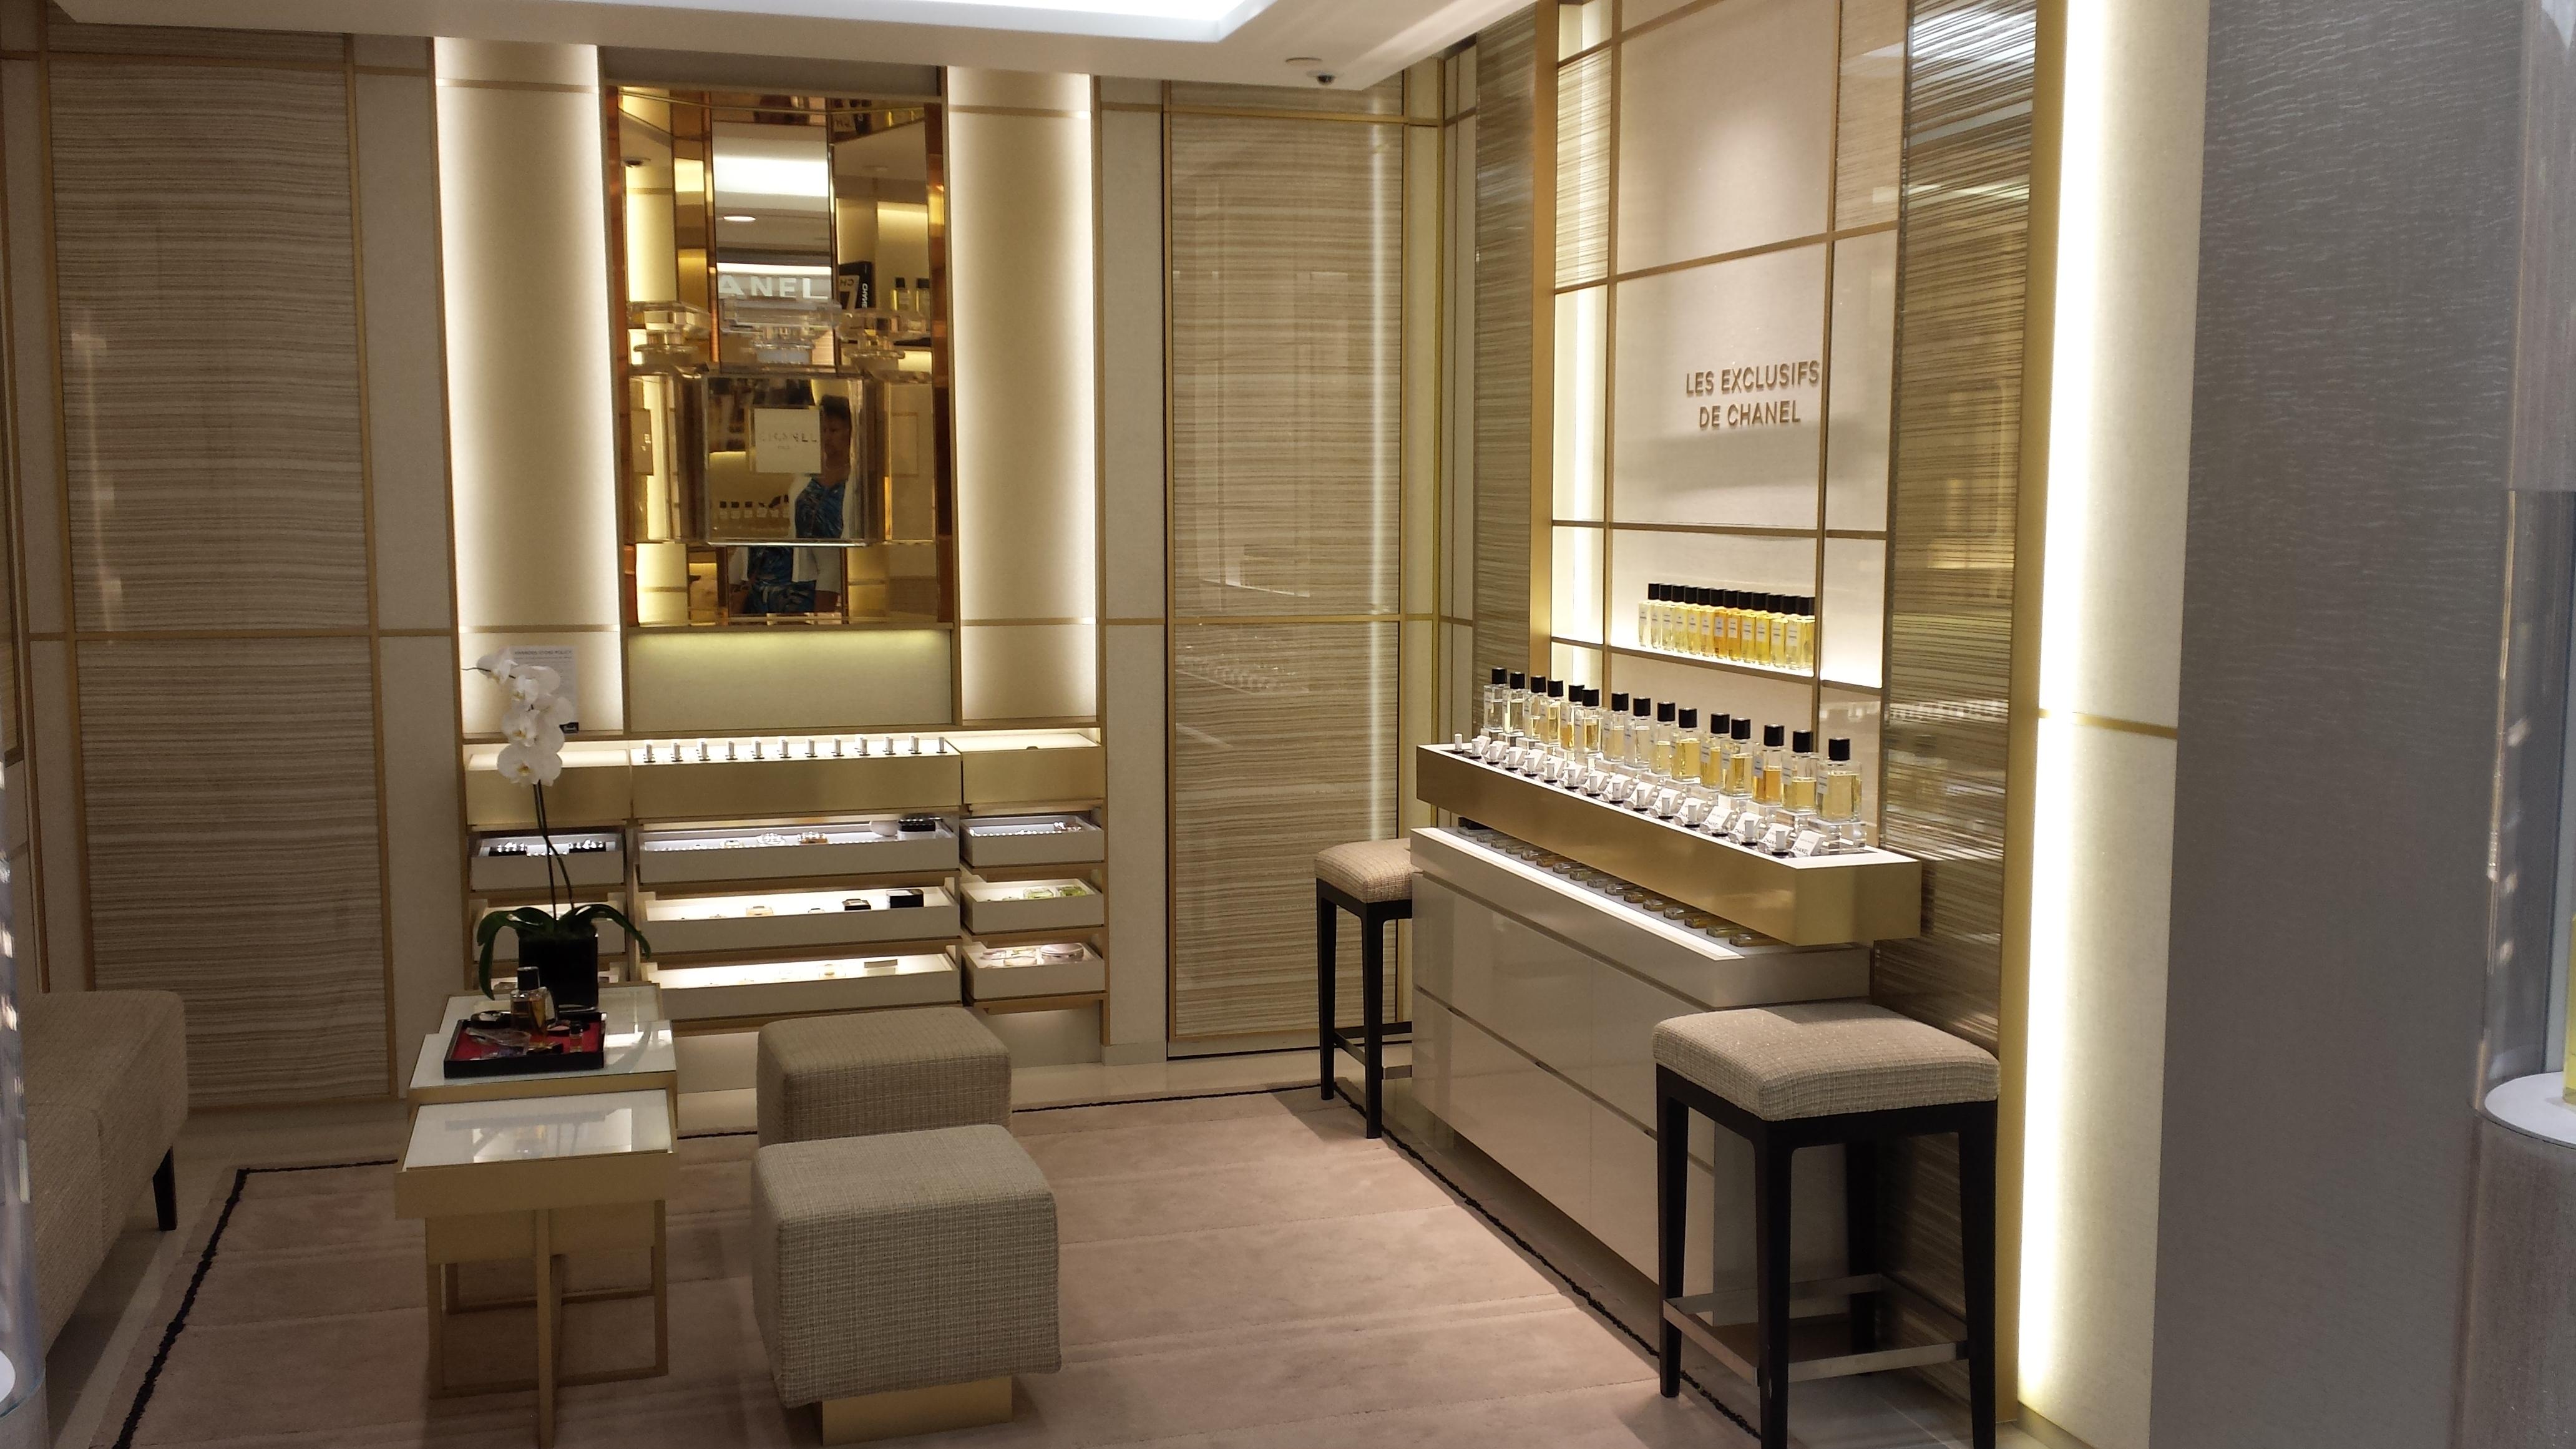 Chanel Misia And A Visit To The Harrods Salon De Parfums Plus A